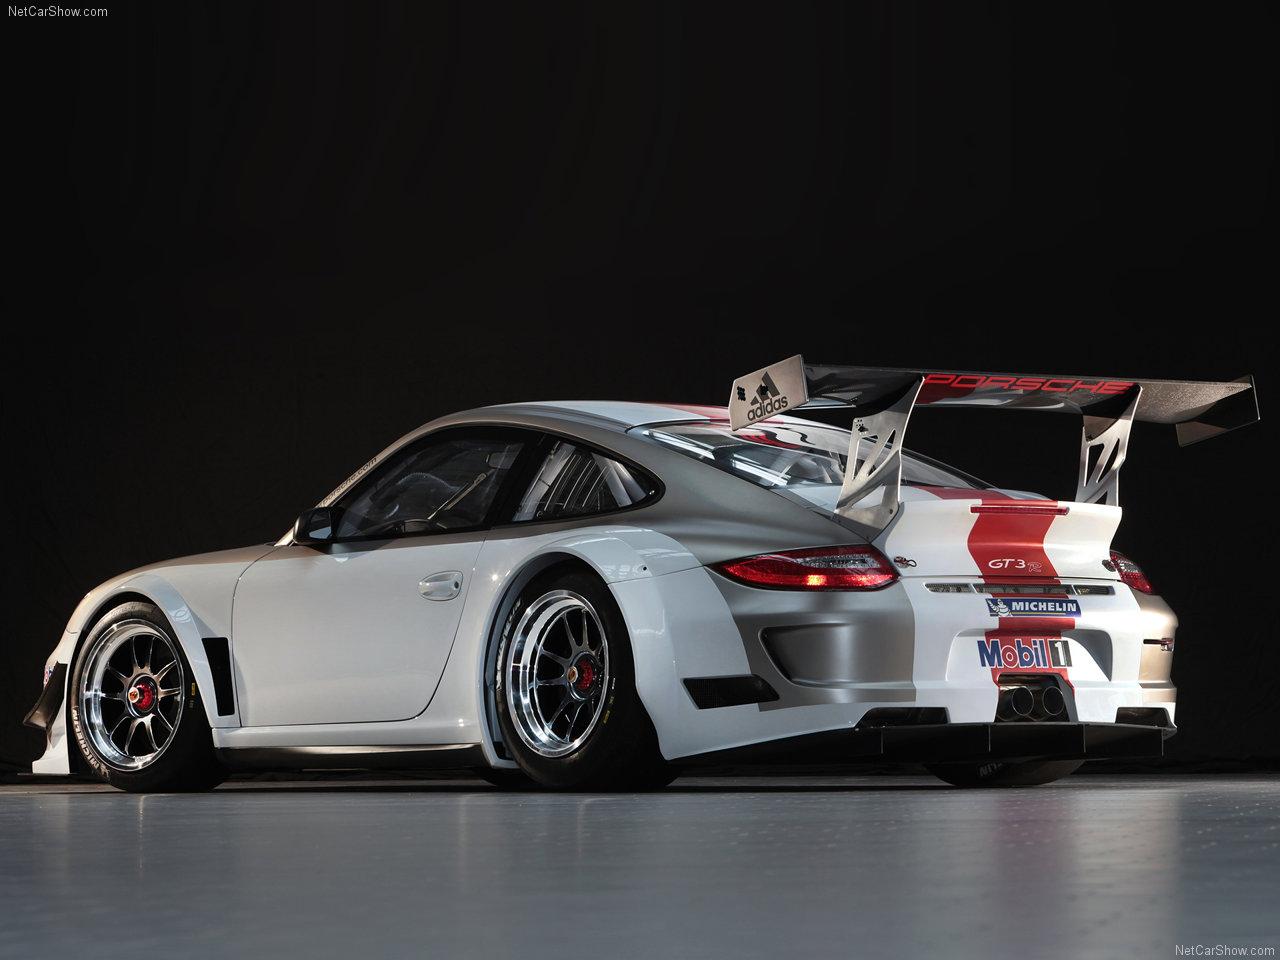 http://3.bp.blogspot.com/-HcV8grYftpQ/TYc8m6siGEI/AAAAAAAACOw/LwtvXuNbu-s/s1600/Porsche-911_GT3_R_2010_1280x960_wallpaper_03.jpg